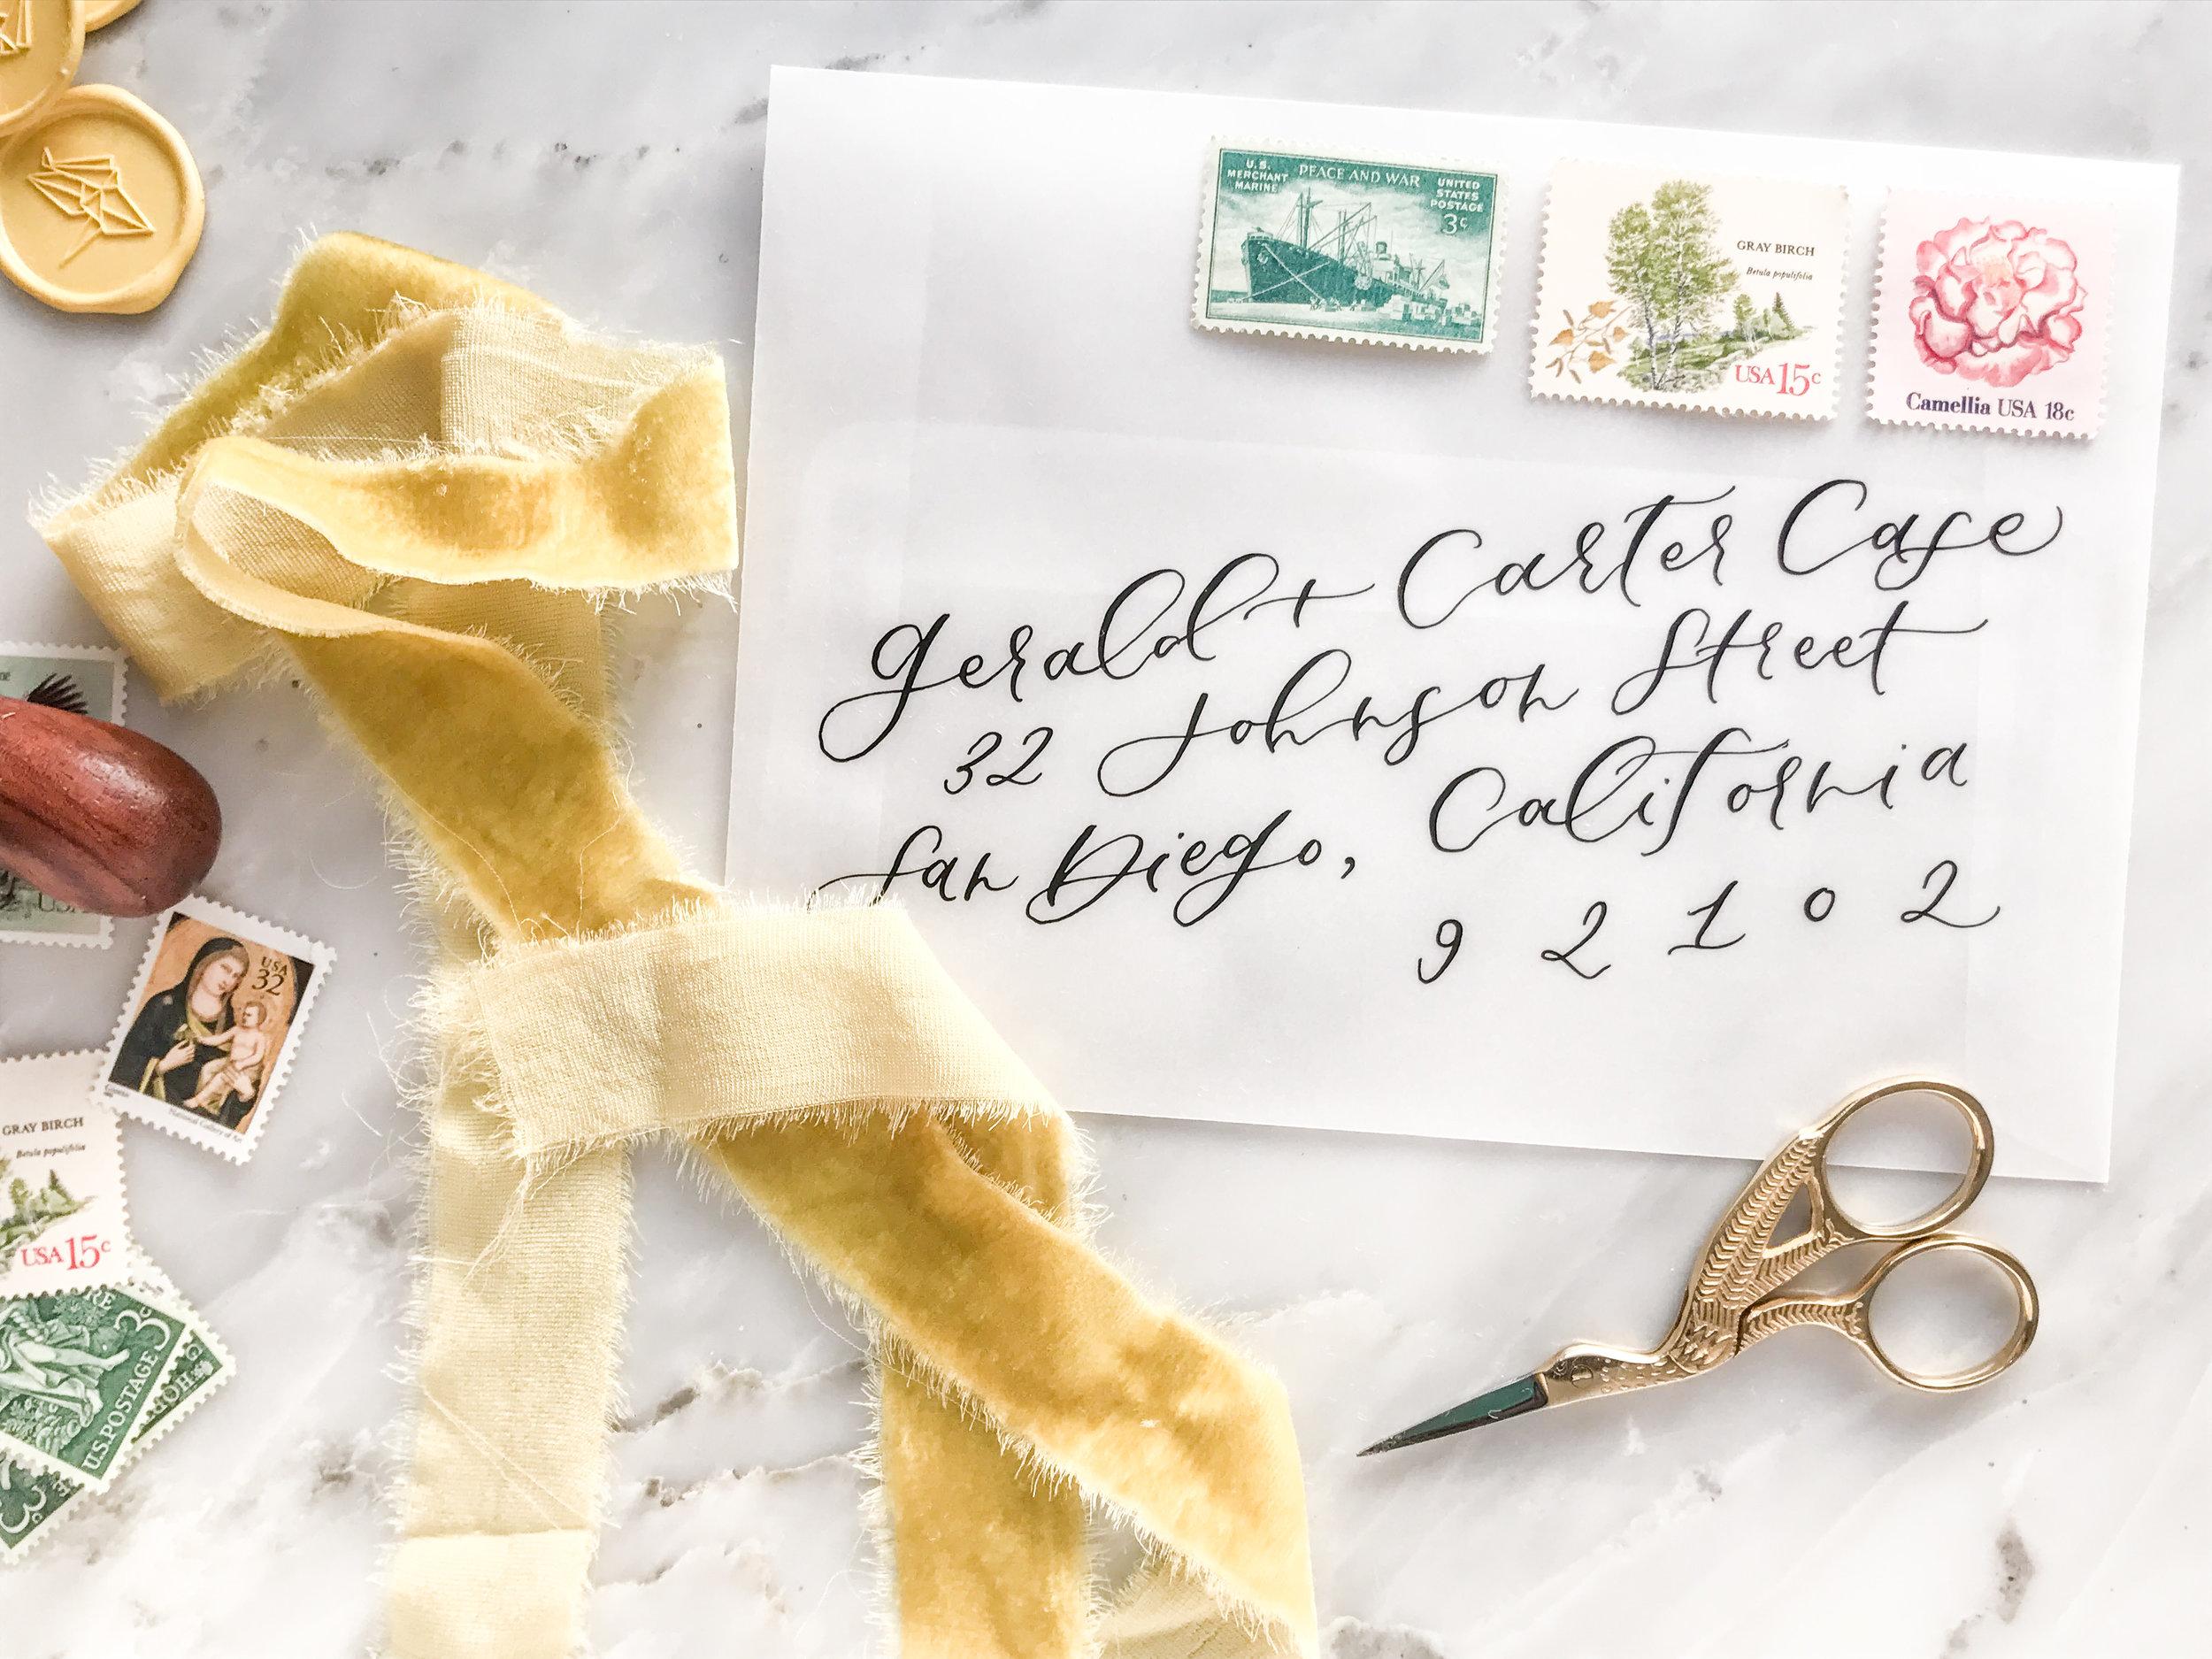 vellum envelopes for weddings